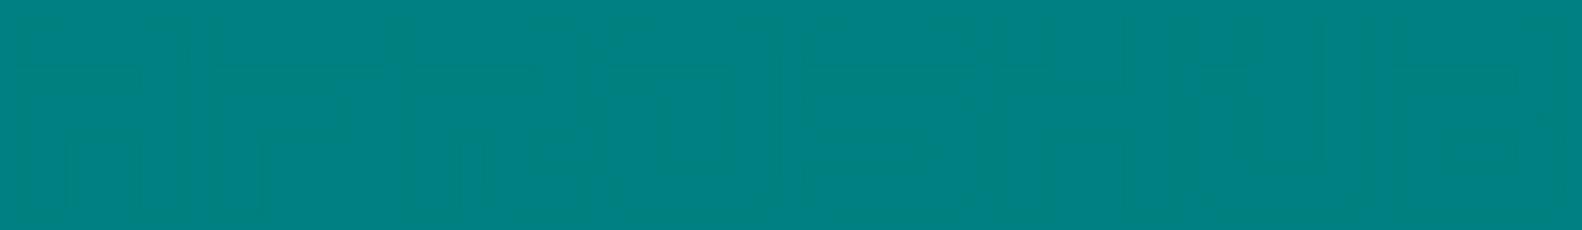 Afroshub Logo